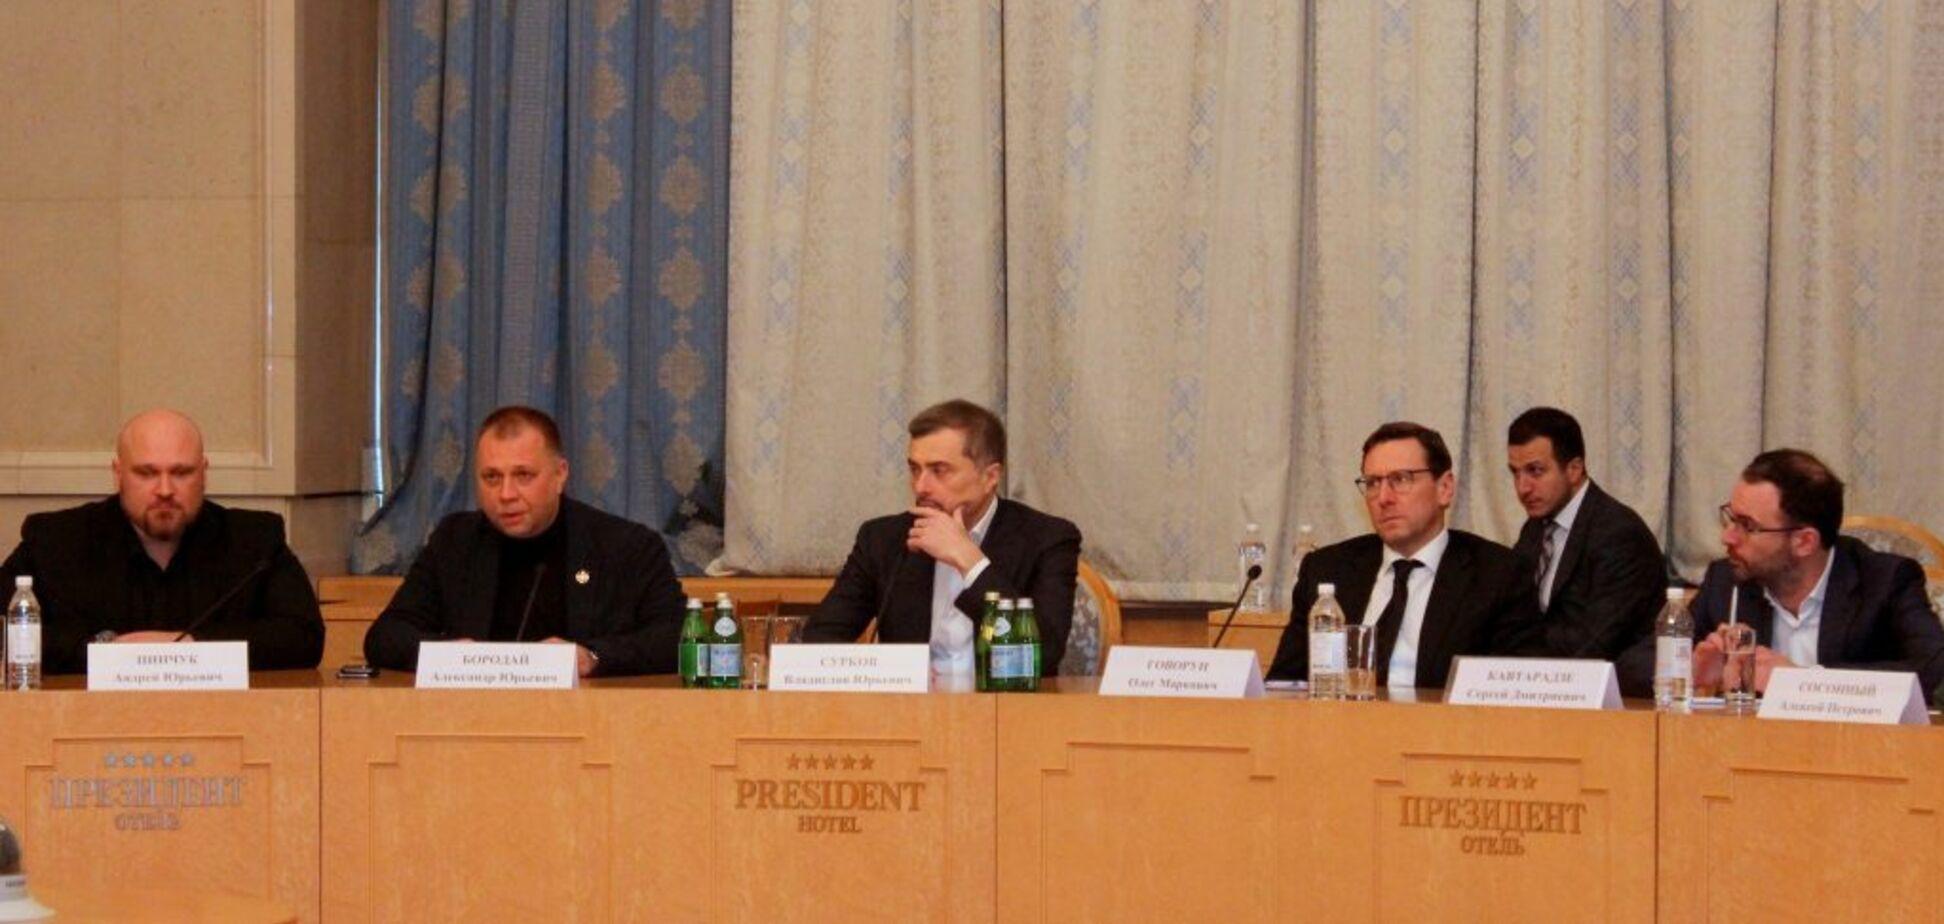 'Без кровавой каши не обойдемся': раскрыт горячий план Суркова по Донбассу